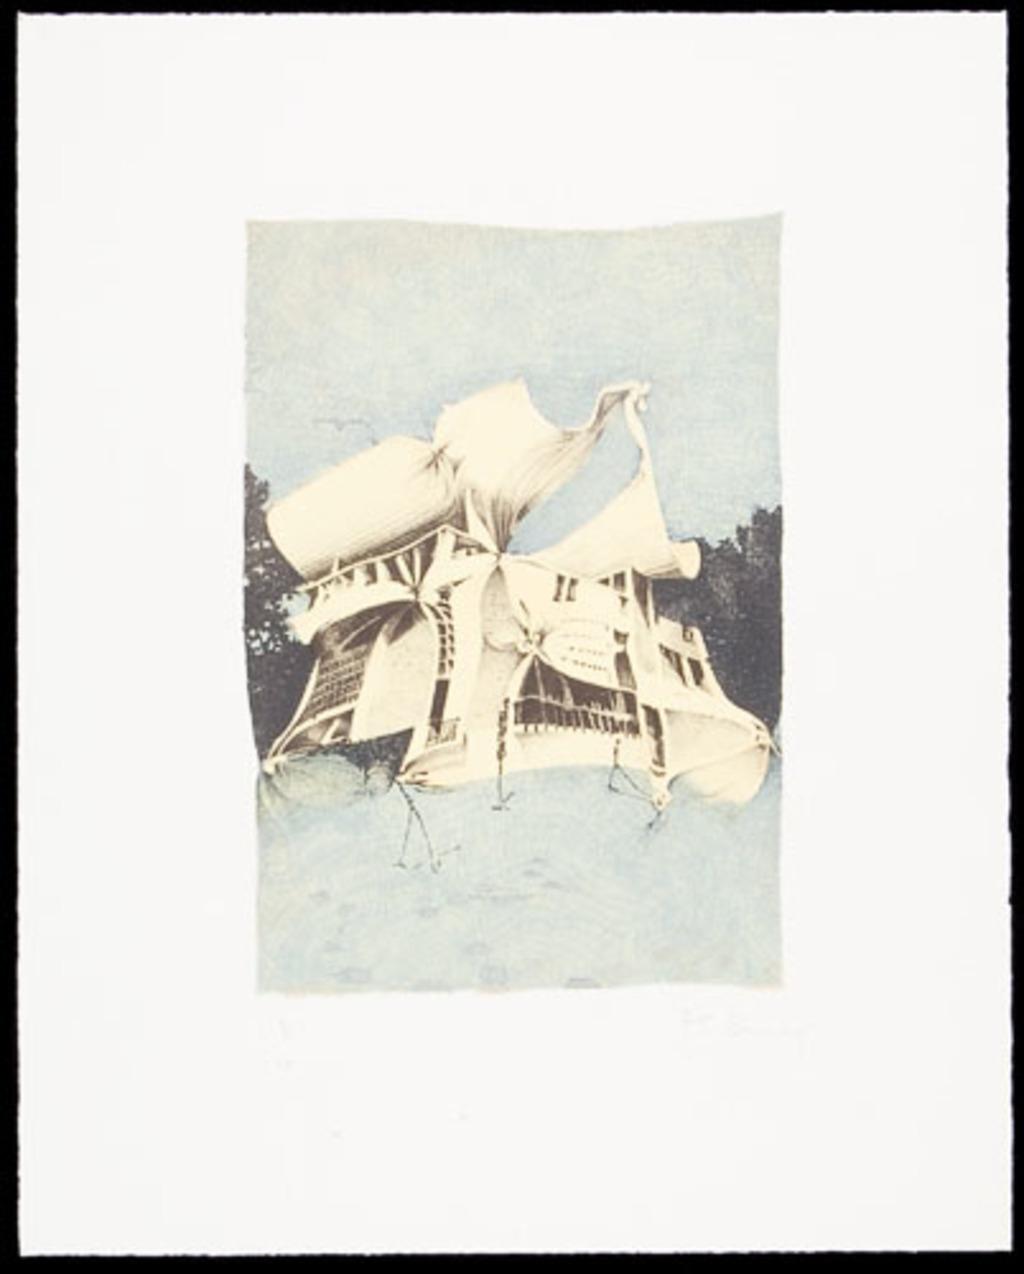 Sans titre, de l'album Fondation Marguerite et Aimé Maeght - 10e Anniversaire